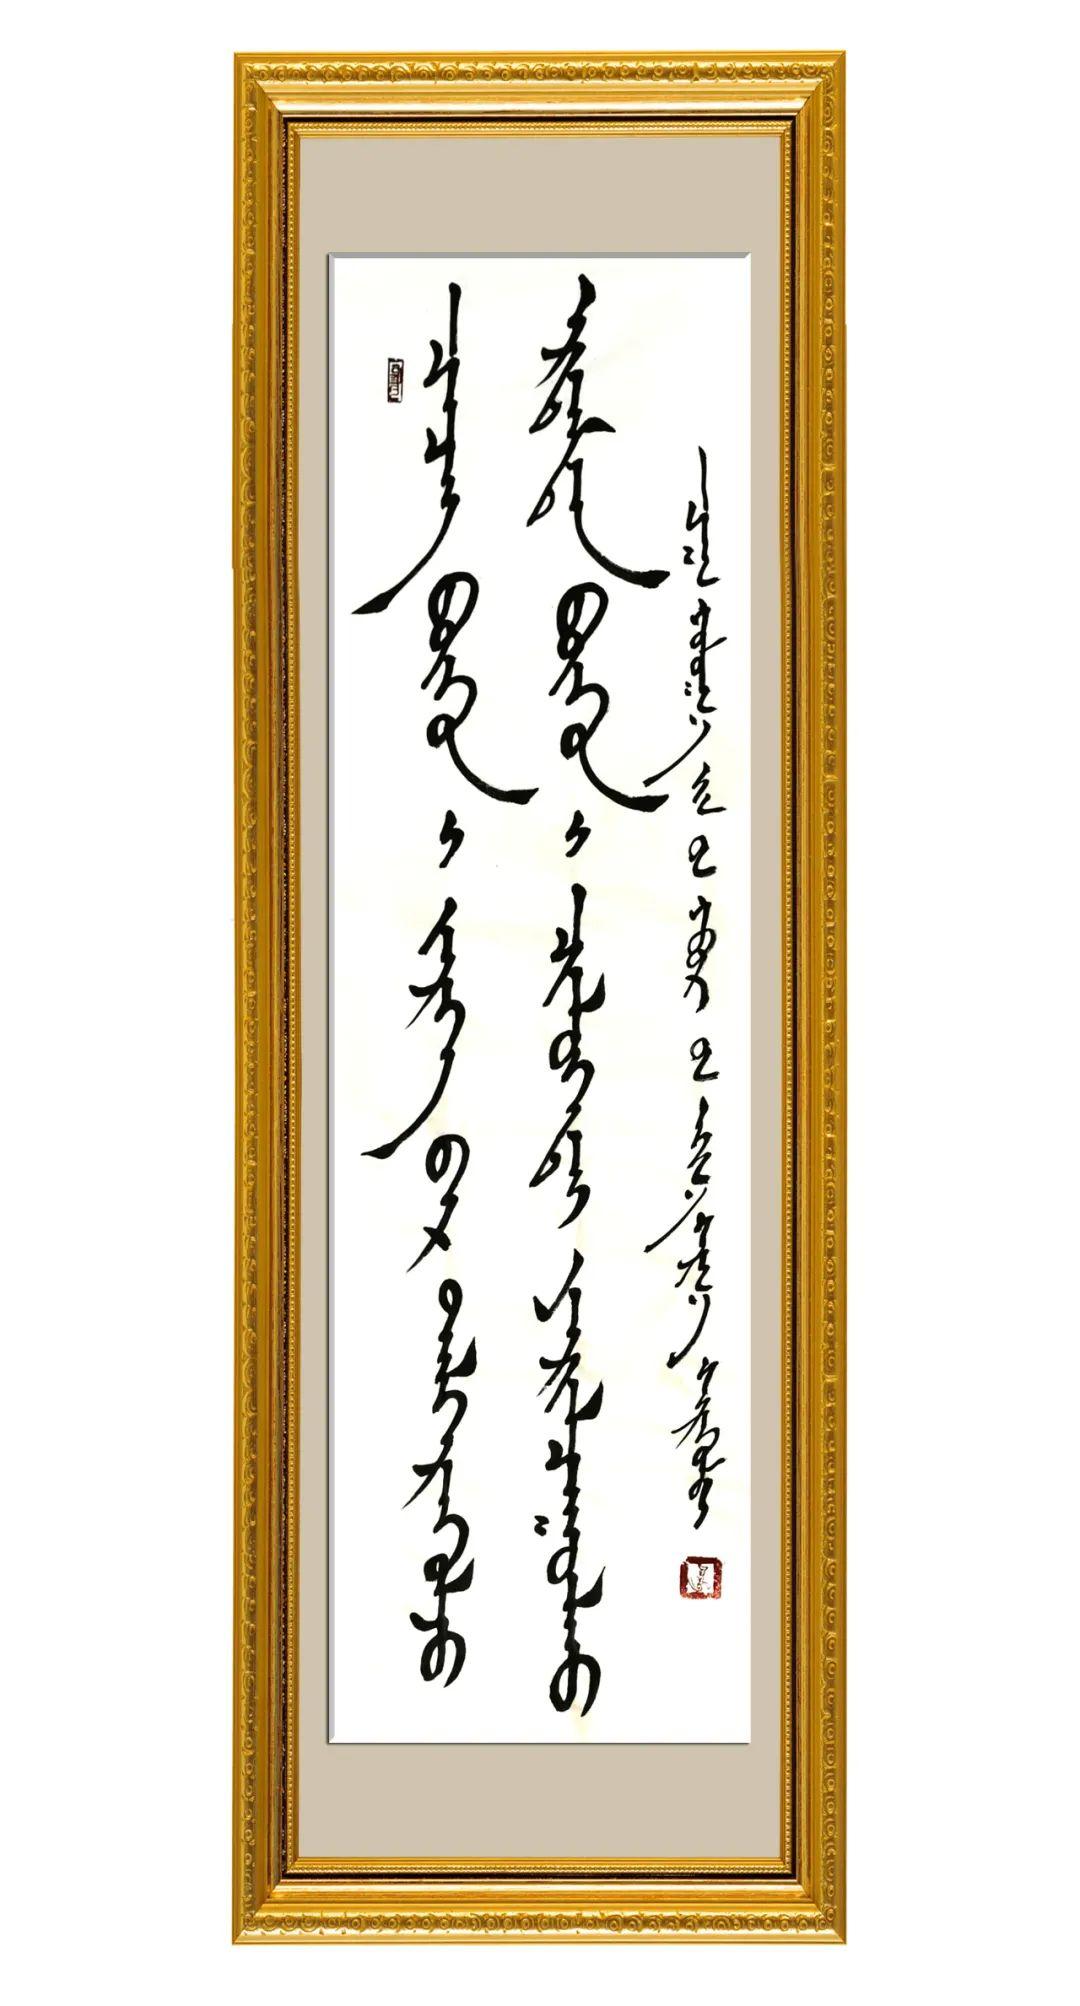 家乡美 | 萨日娜书法作品欣赏 第9张 家乡美 | 萨日娜书法作品欣赏 蒙古书法